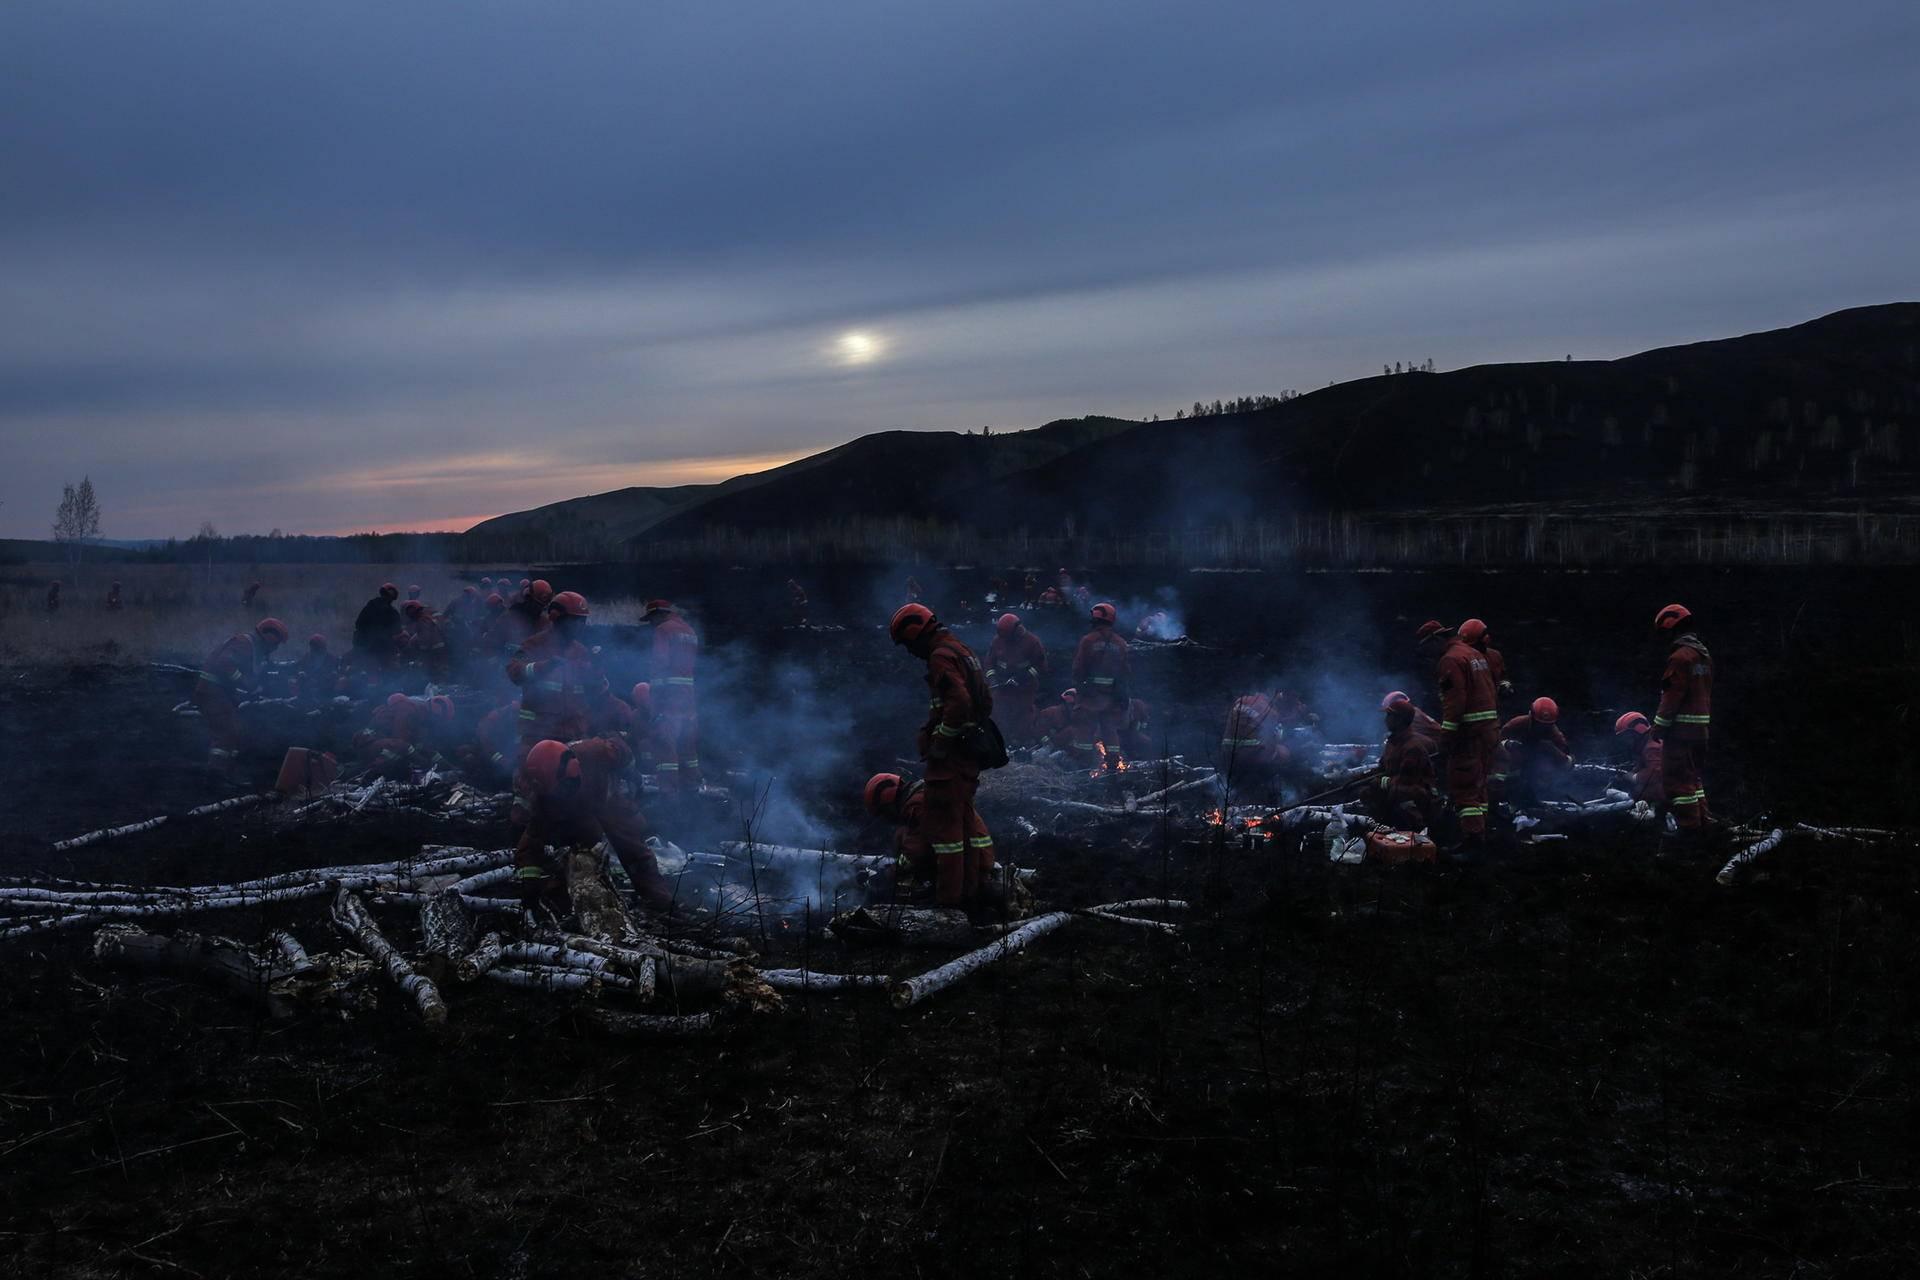 凉山森林大火时,他第125次奔赴火场:残暴森林